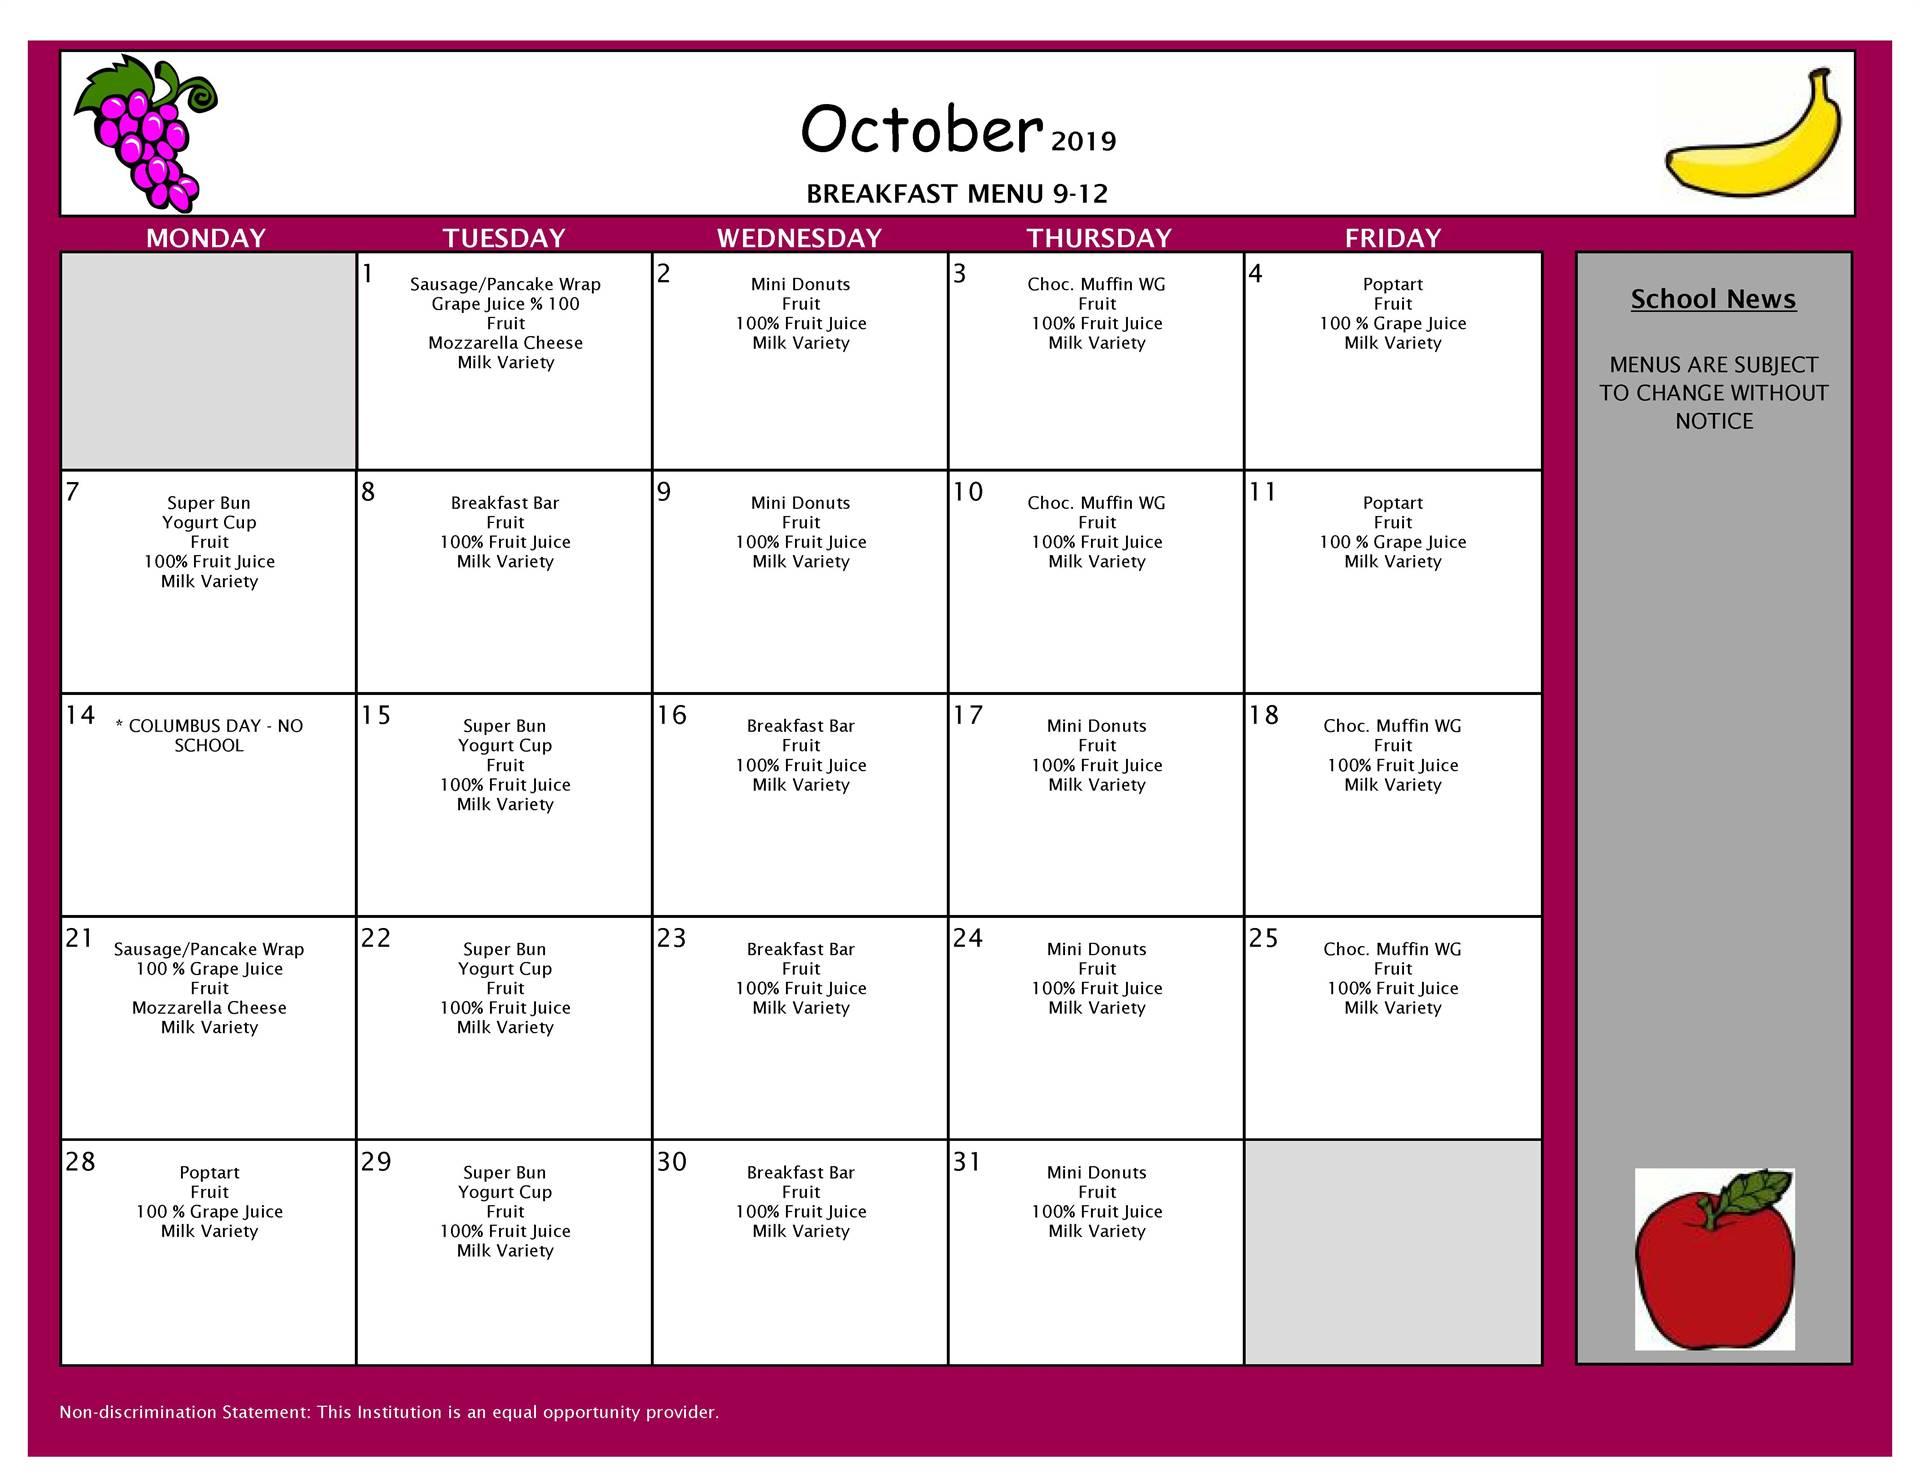 October Breakfast Grades 9-12